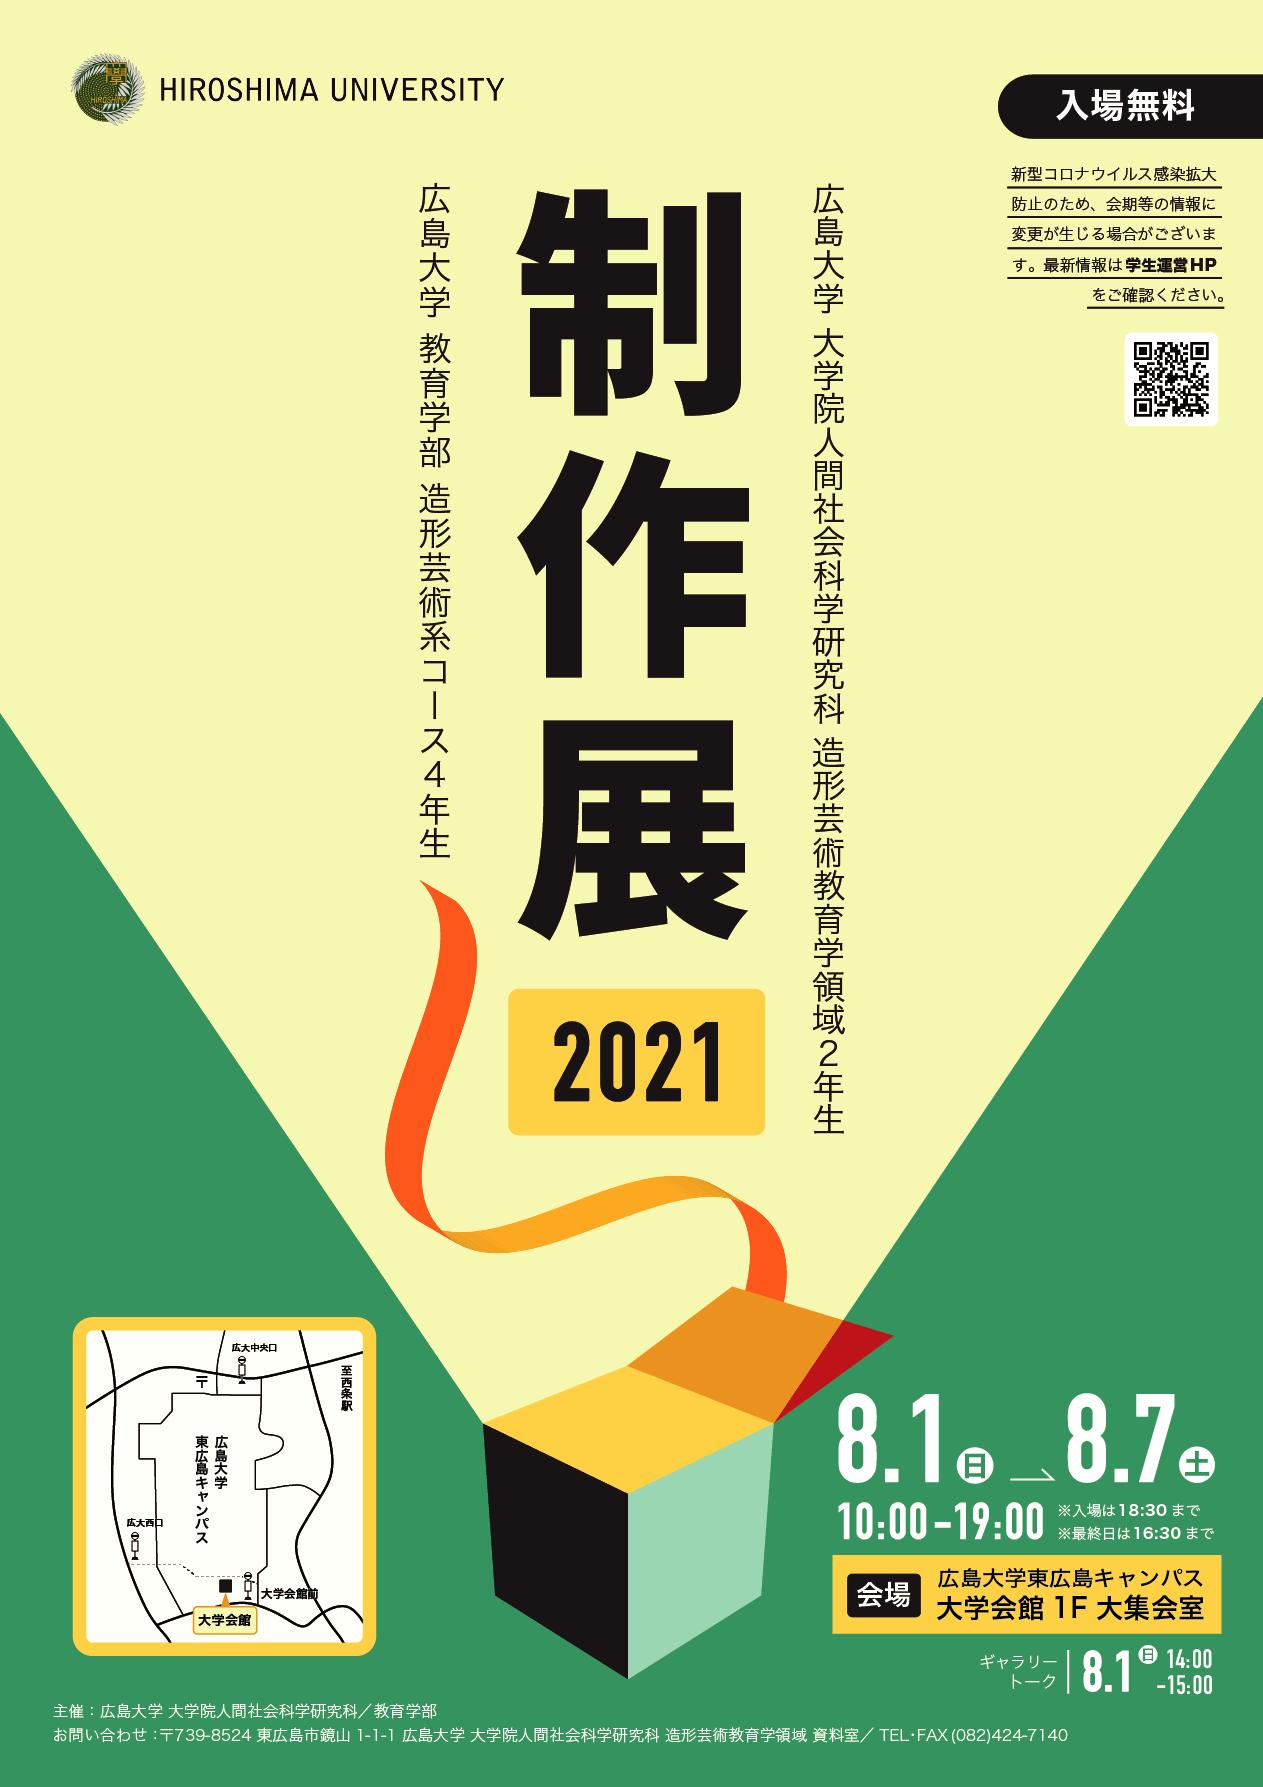 【2021/8/1~開催・東広島】『2021年度 広島大学 大学院人間社会科学研究科 造形芸術教育学領域2年生/ 教育学部造形芸術系コース4年生 制作展(修了・卒業制作中間発表)』を開催します